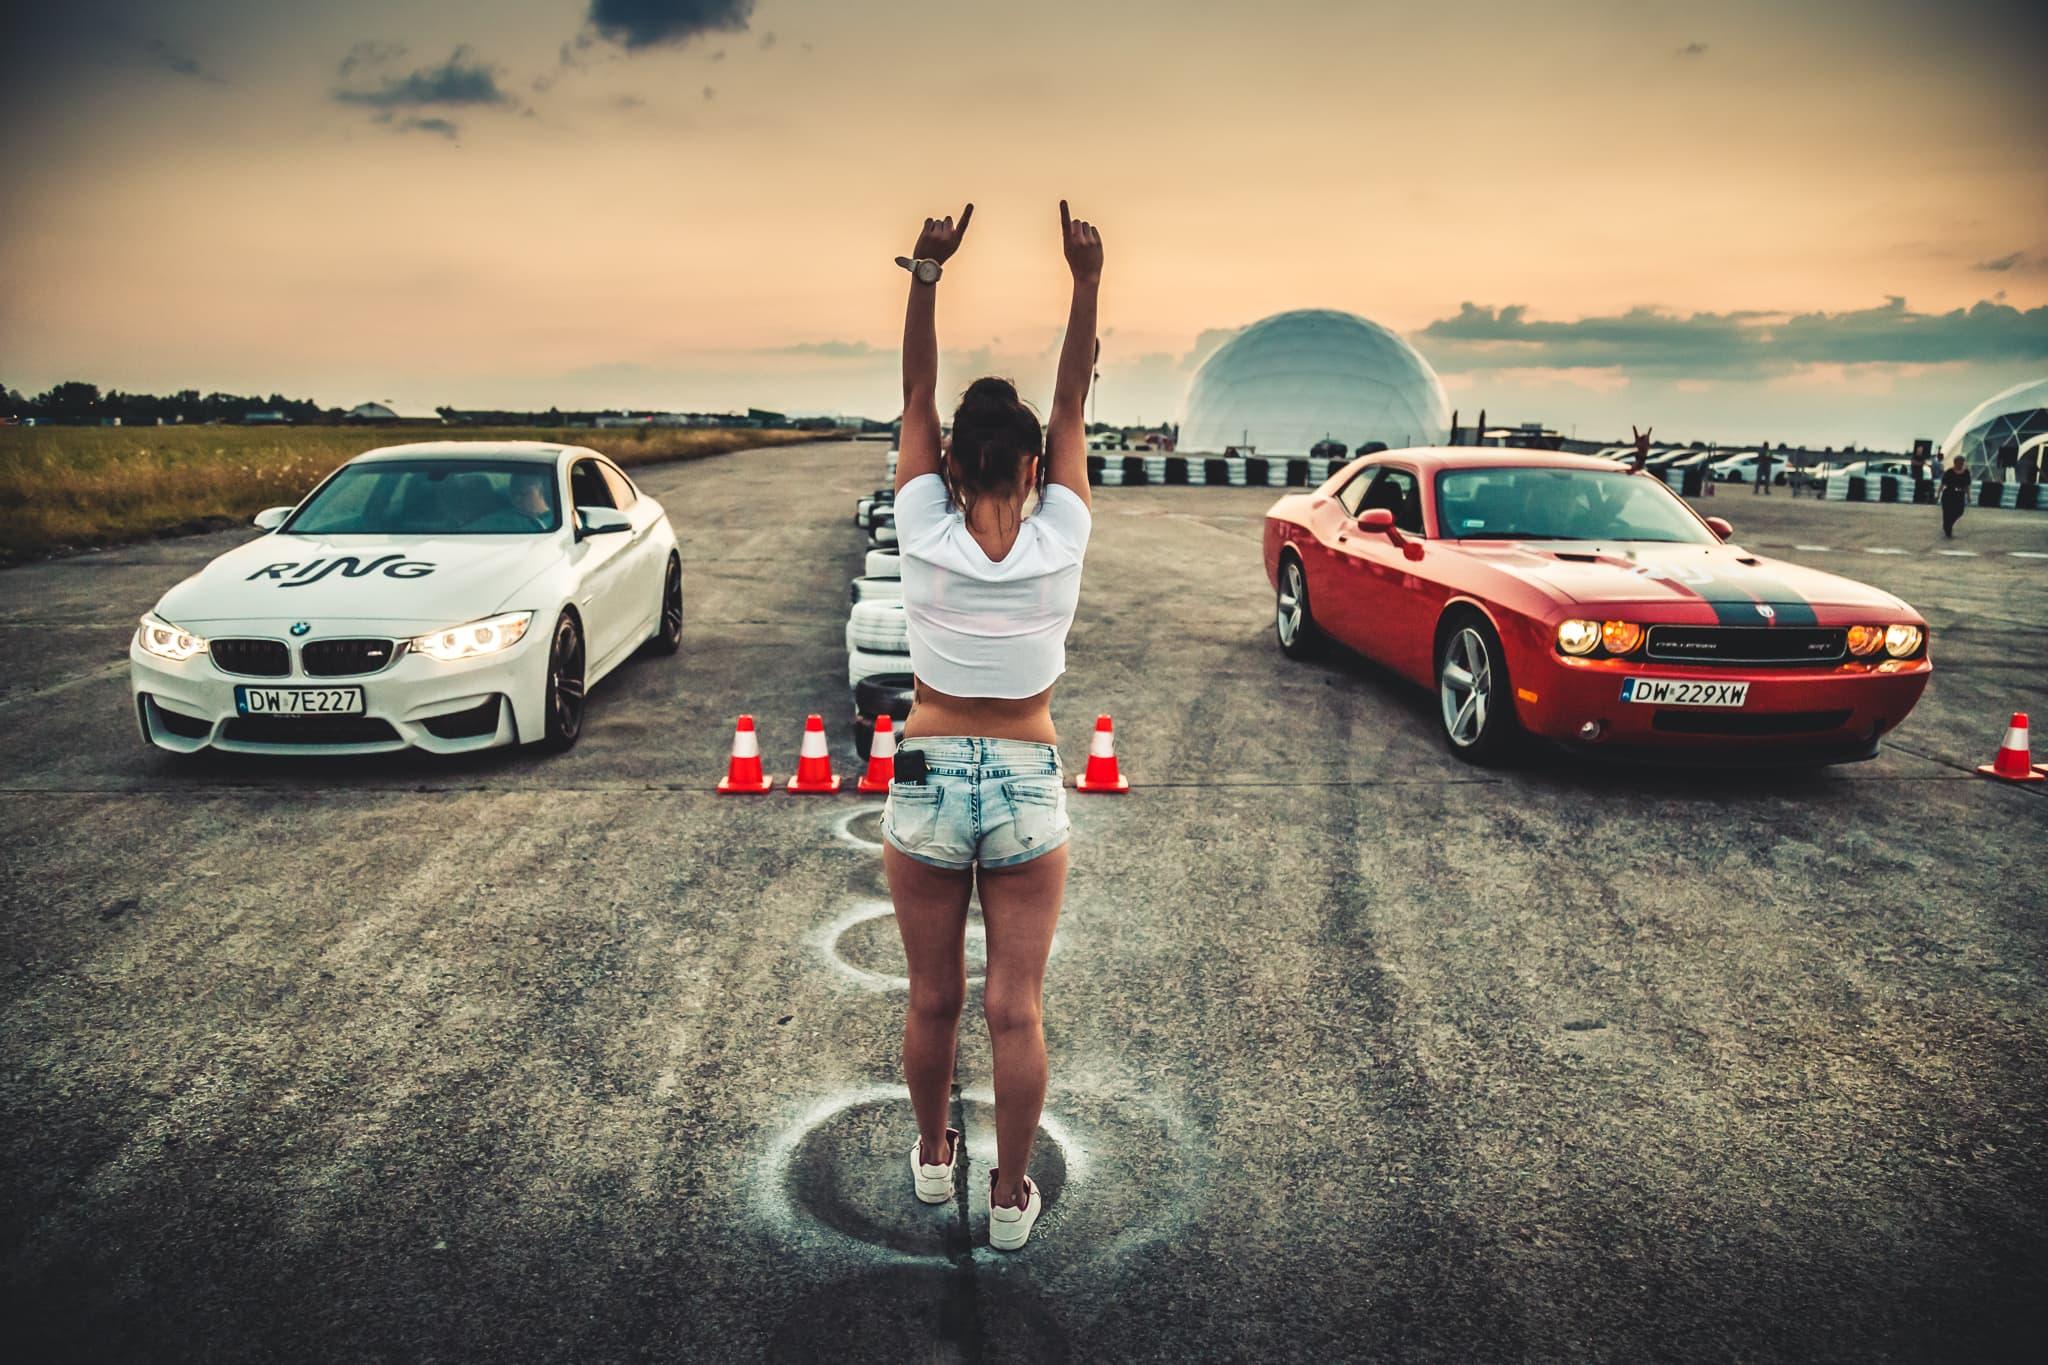 Znalezione obrazy dla zapytania wyścigi samochodowe